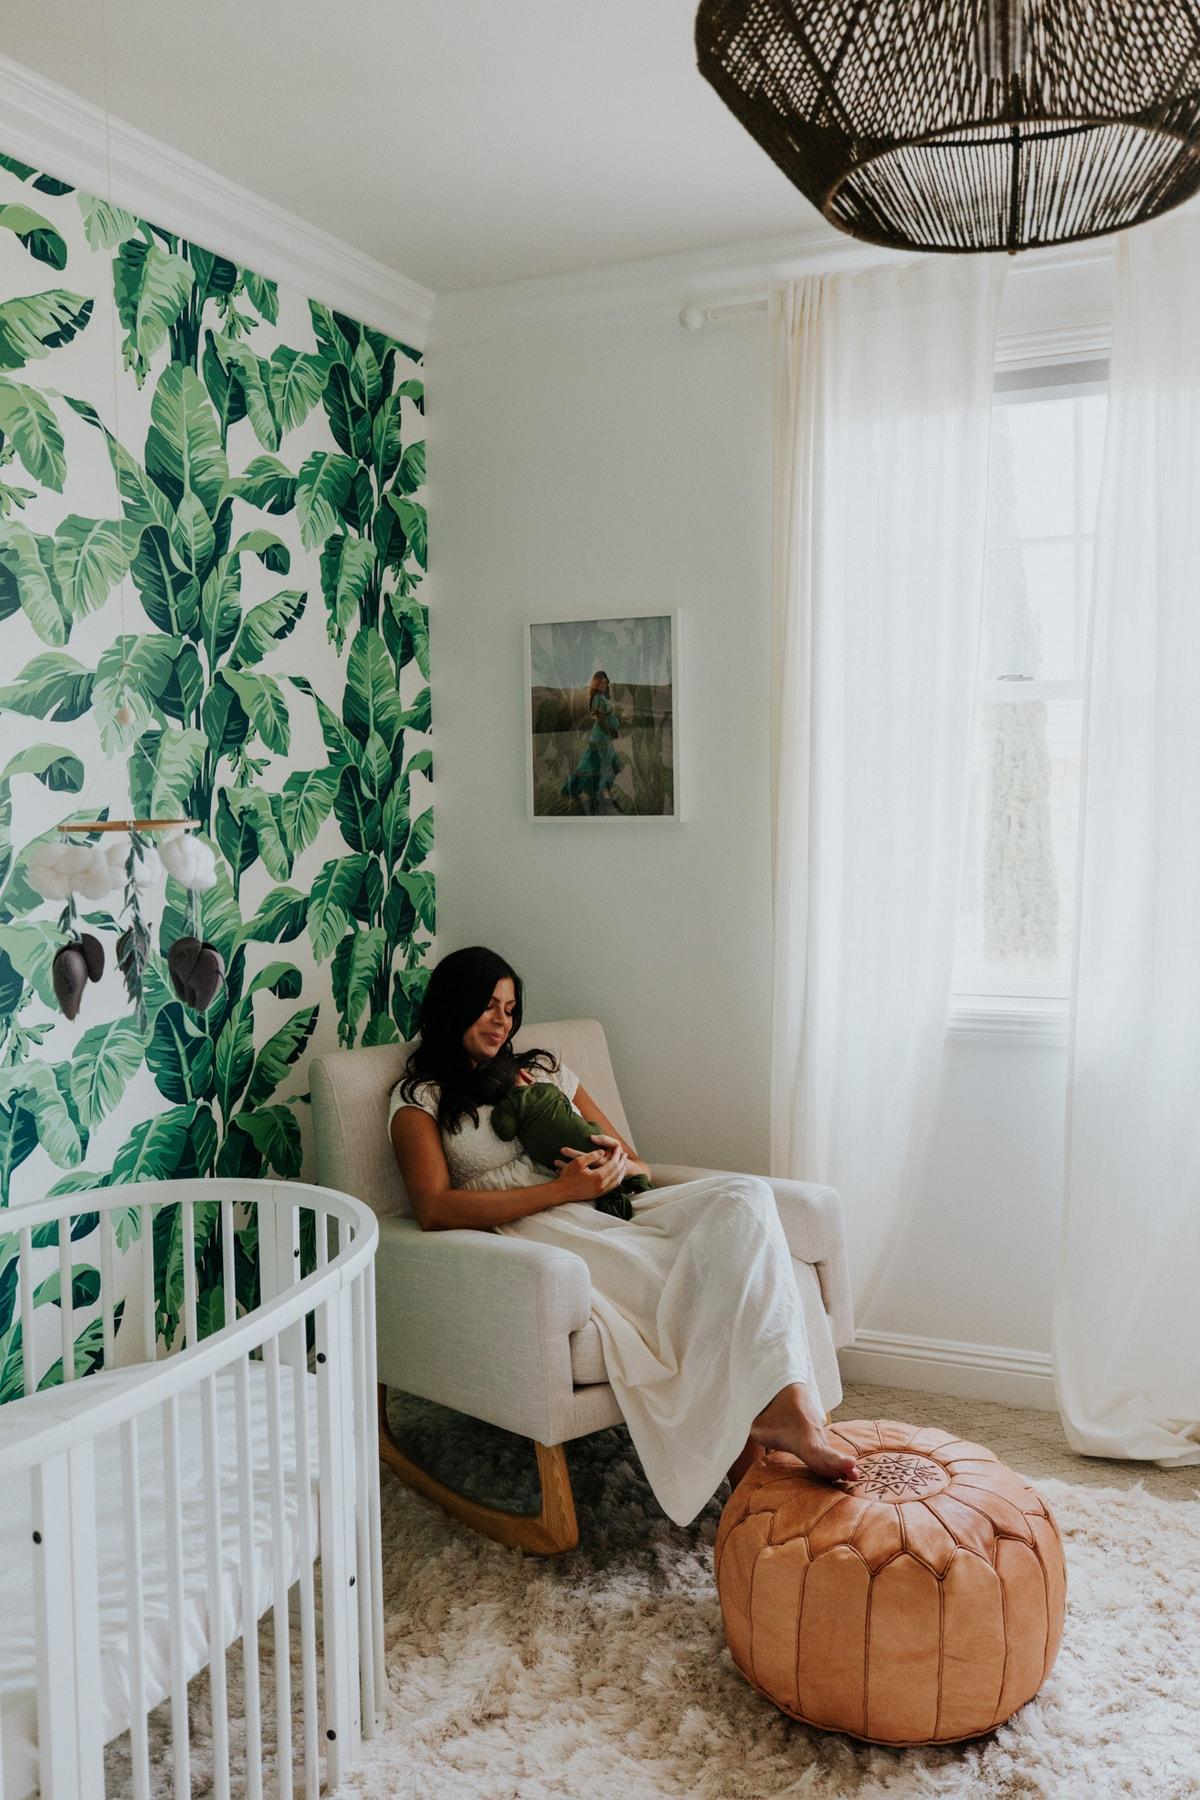 Baby Room Ideas: A Girl Nursery And A Boy Nursery - Mint Arrow